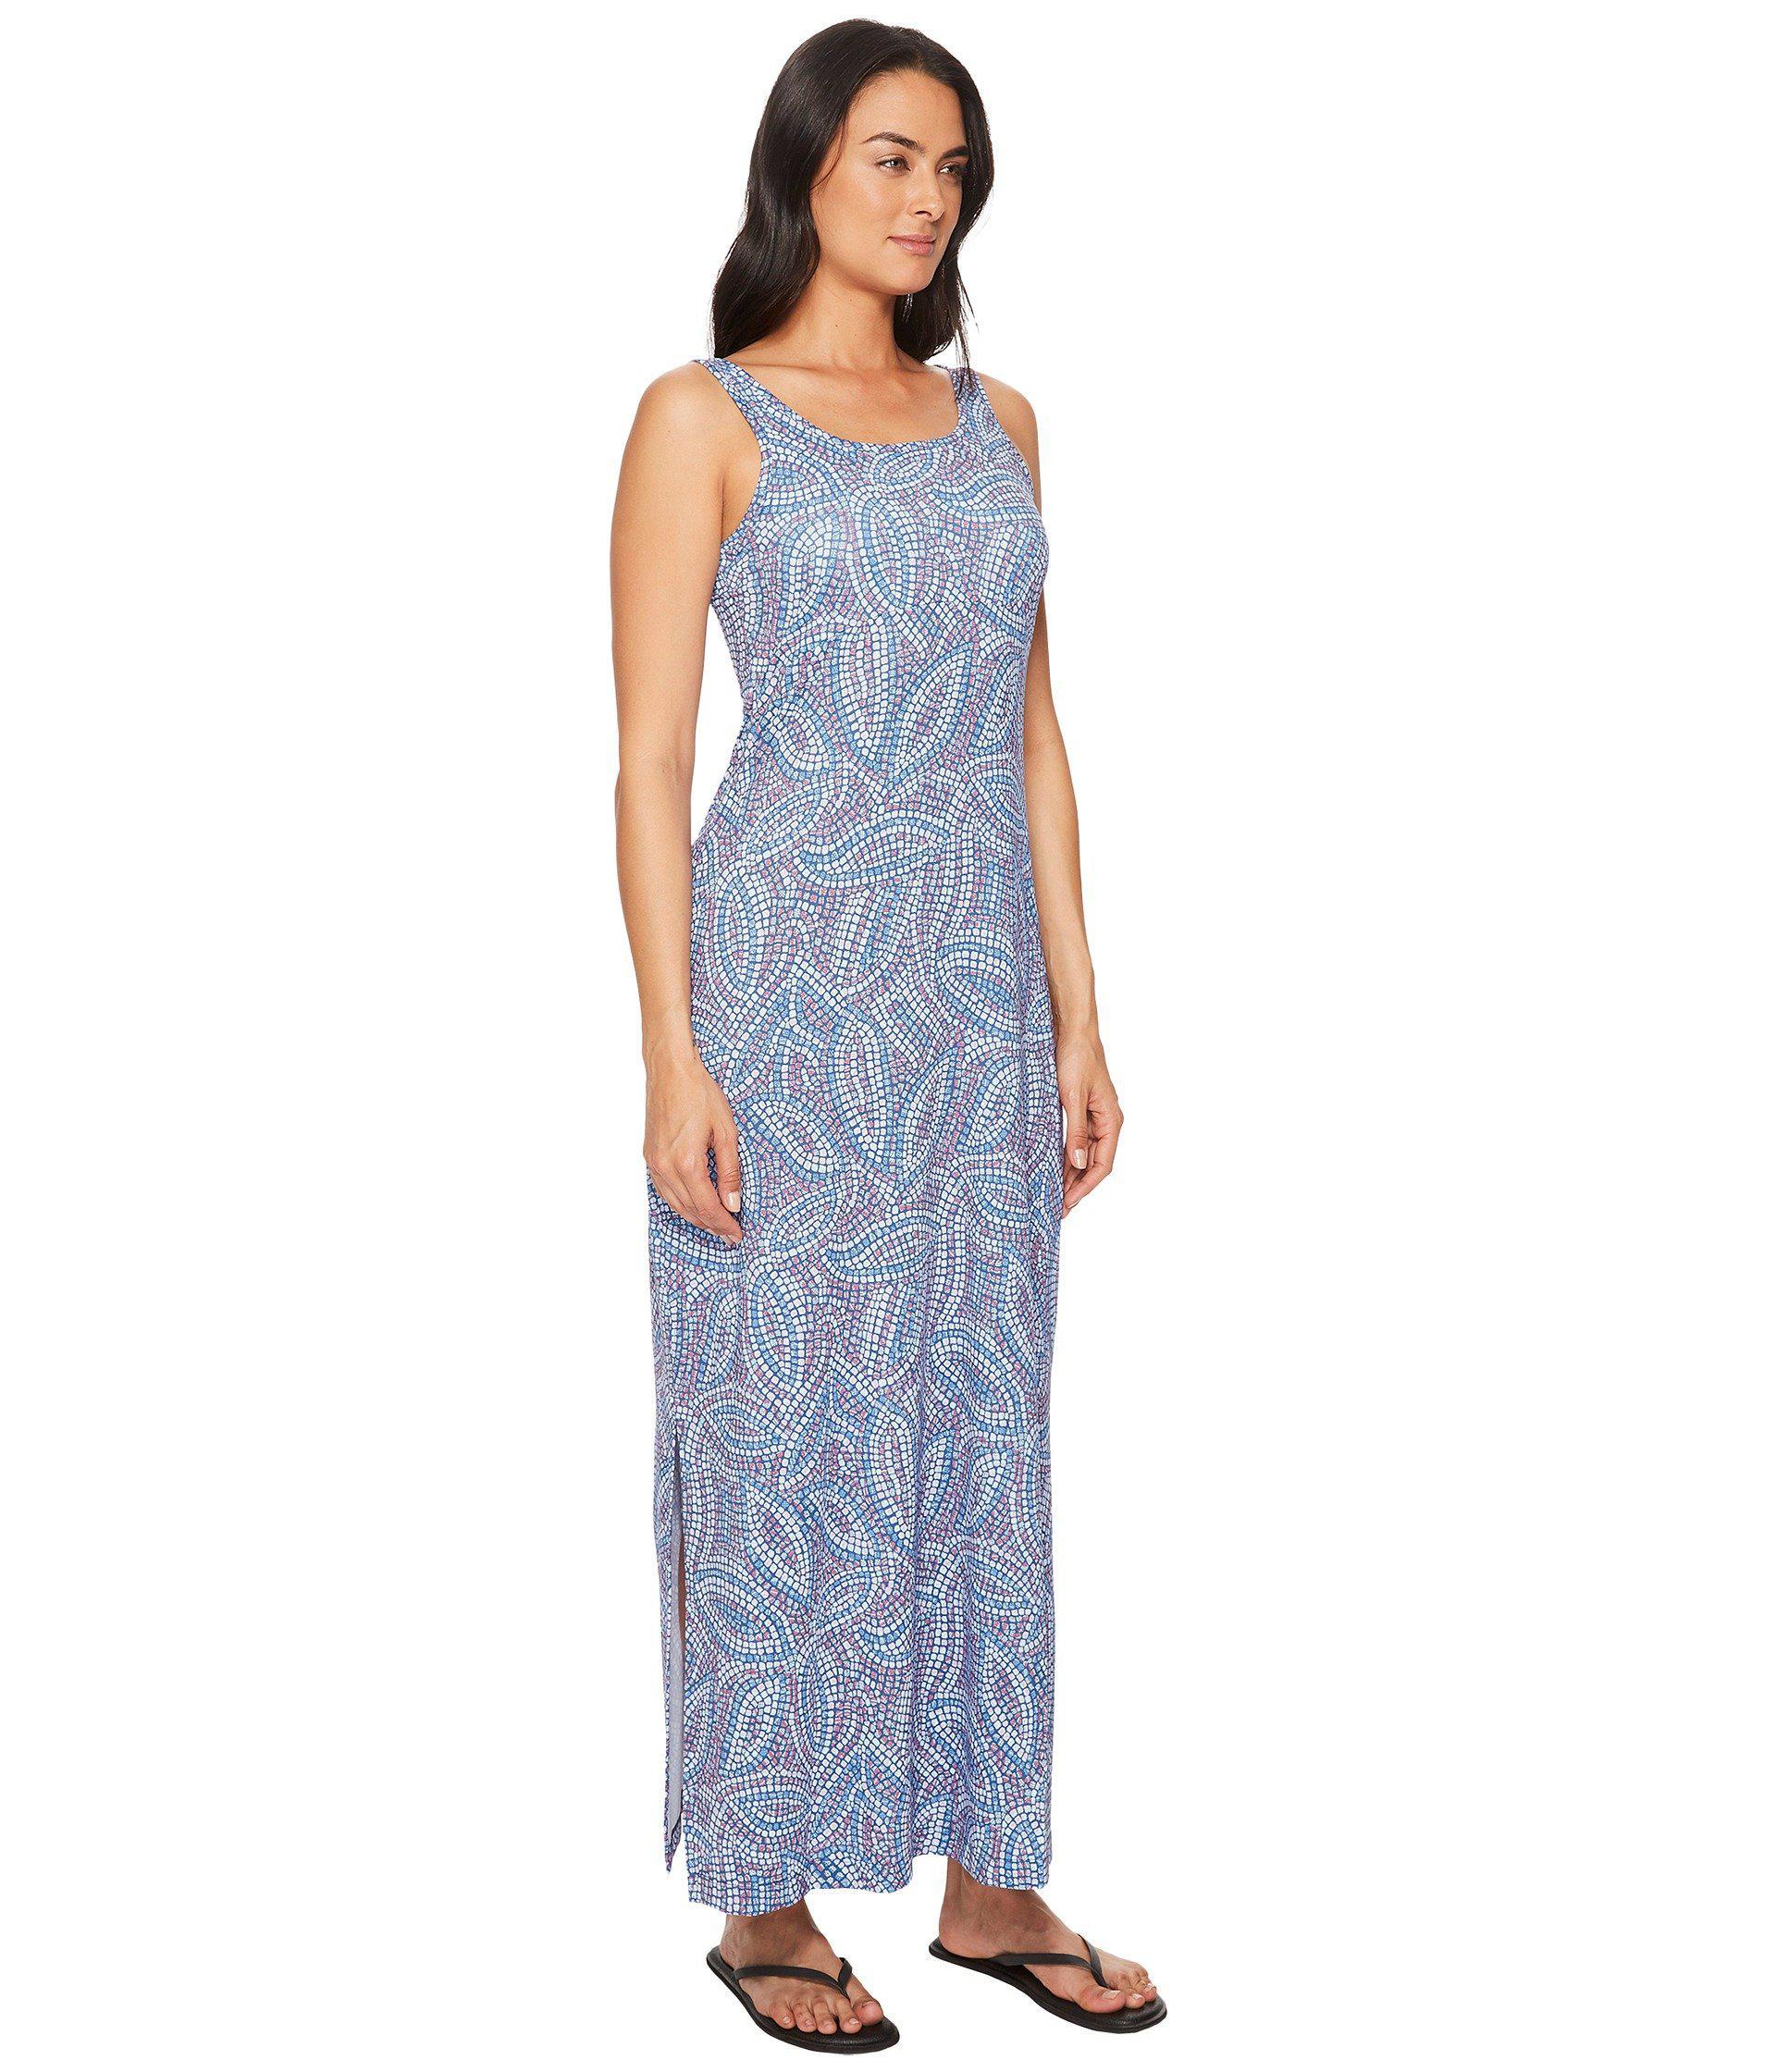 26454fa9b4 Lyst - Columbia Freezertm Maxi Dress in Blue